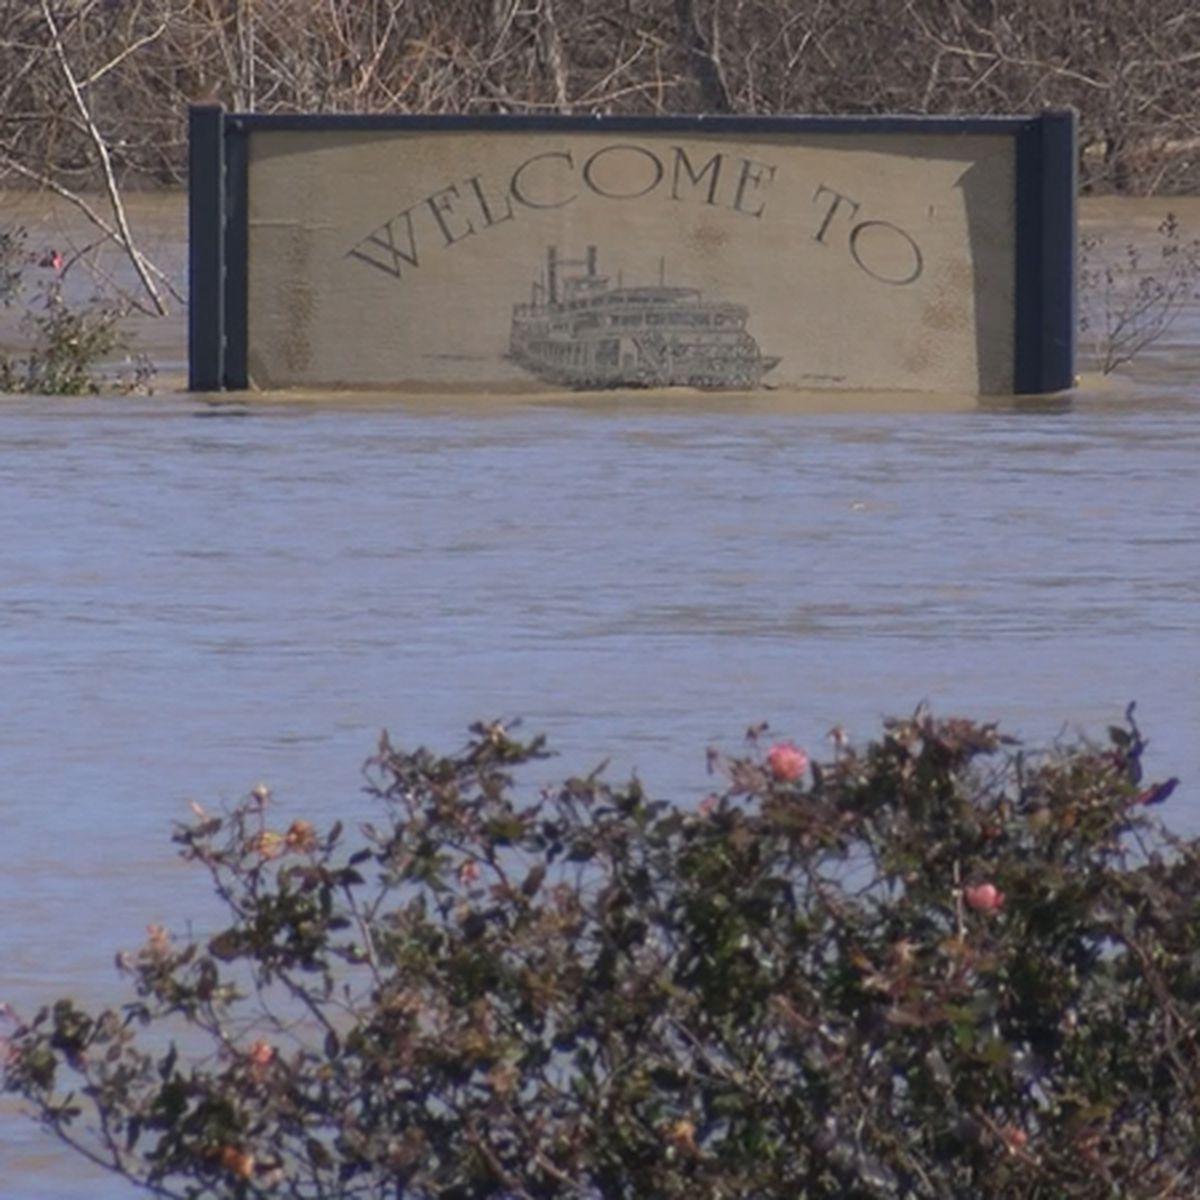 Gov. Ivey declares State of Emergency after Alabama flooding